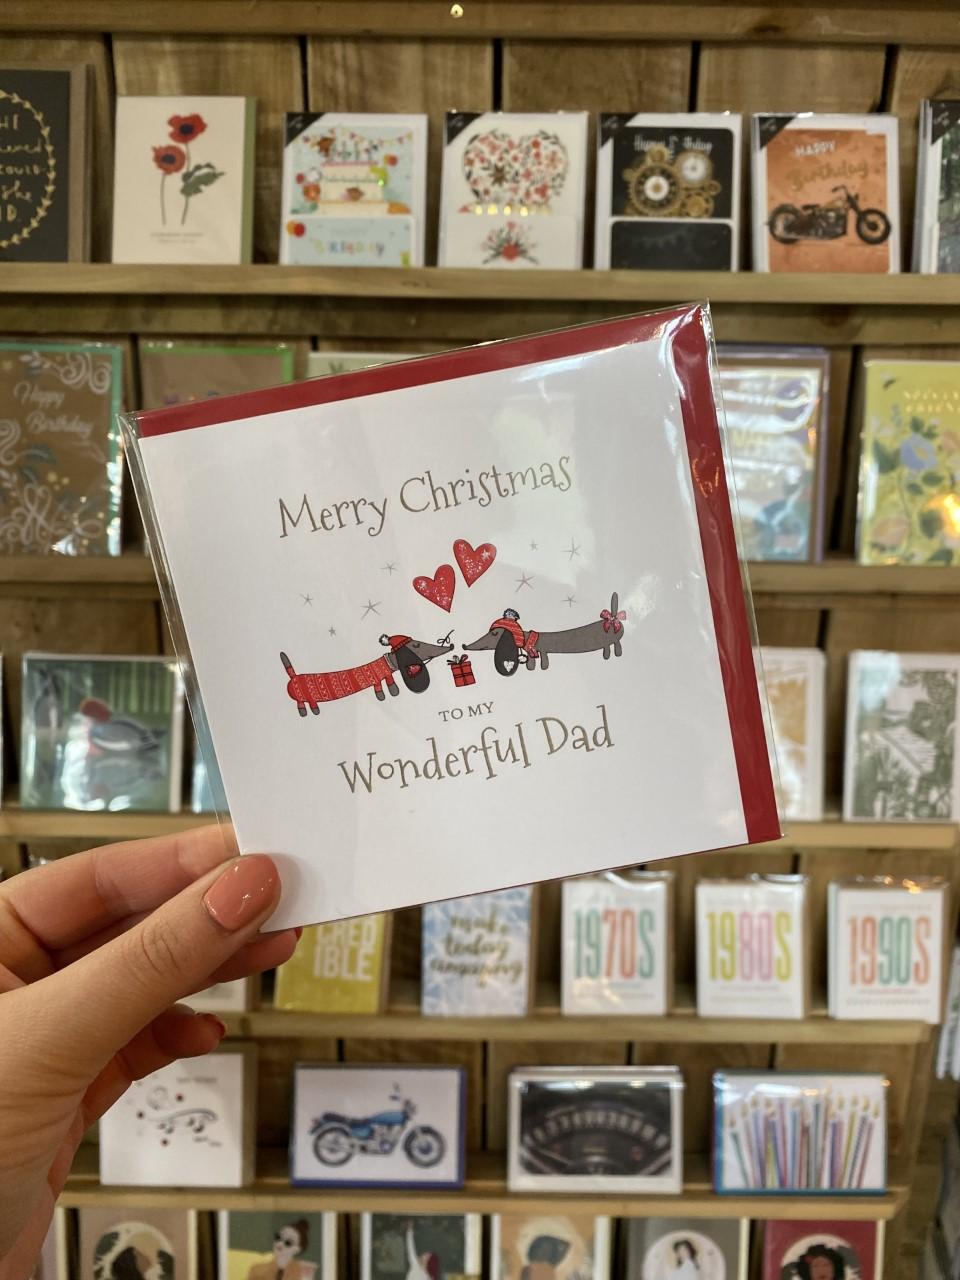 Wonderful Dad Christmas